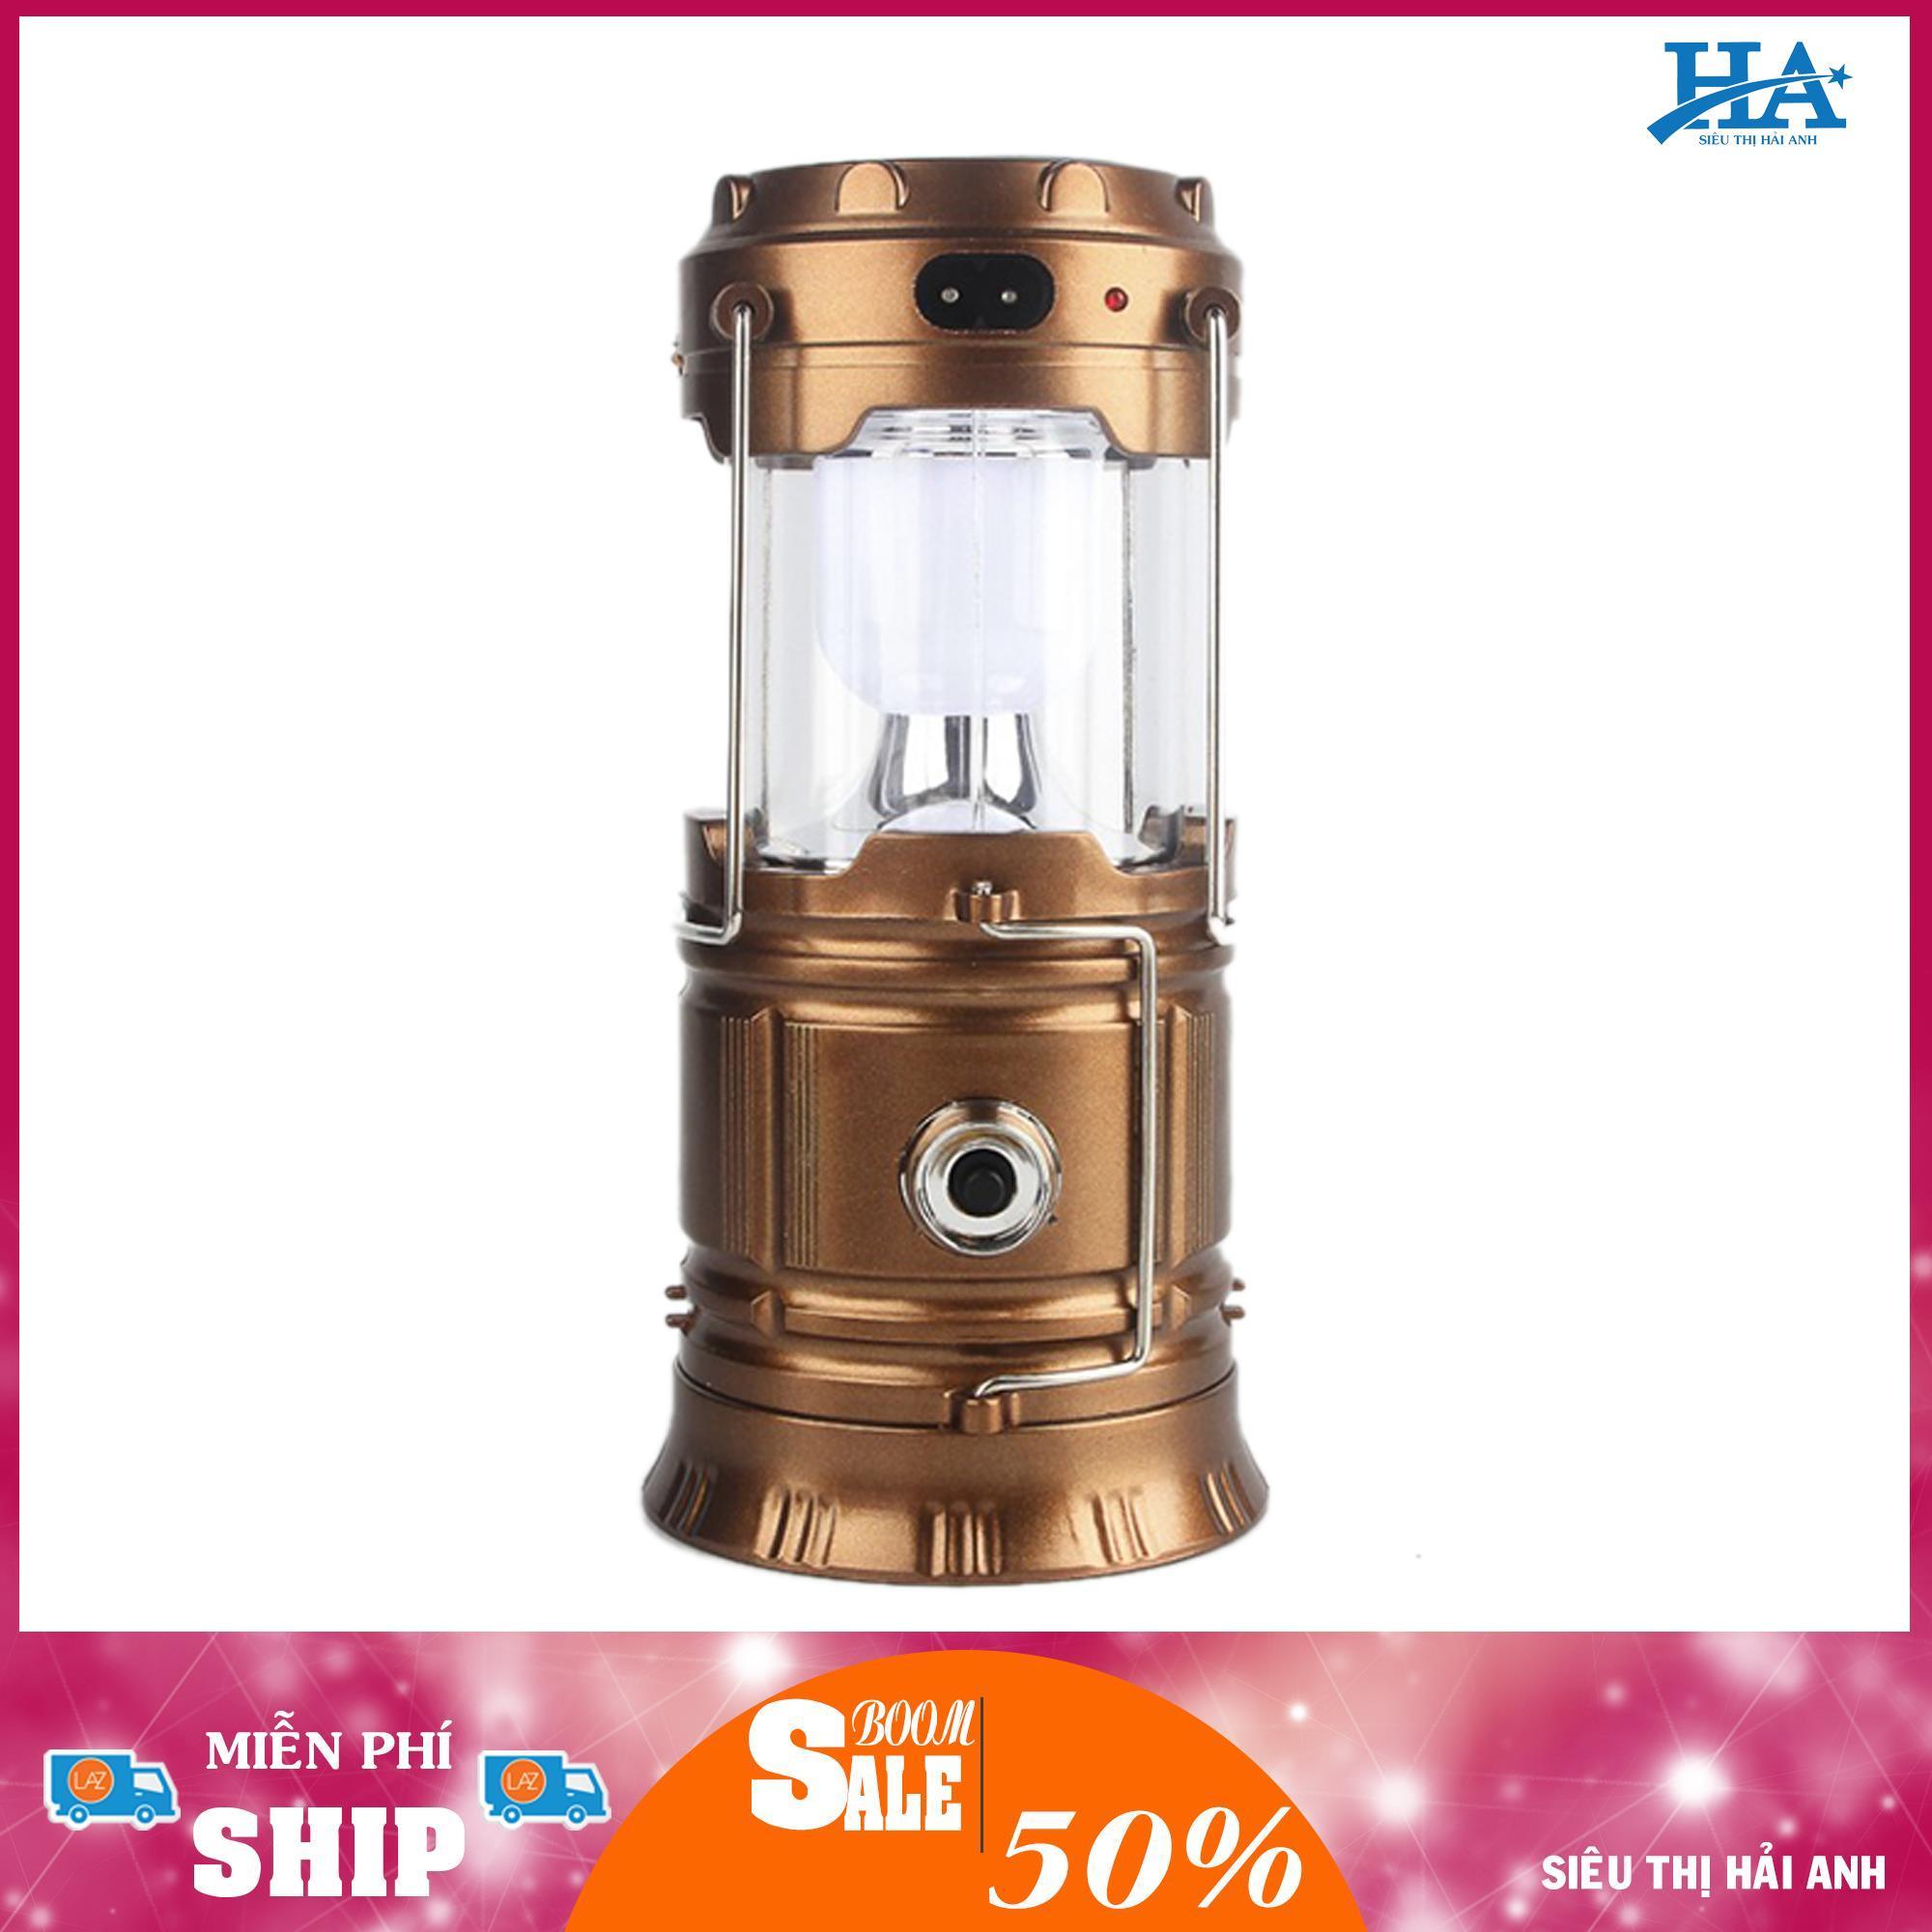 Đèn Tích Điện Đa Năng Sạc Điện Thoại, Đèn Pin, Đèn Sáng, Năng Lượng Mặt Trời – GDBINHC26